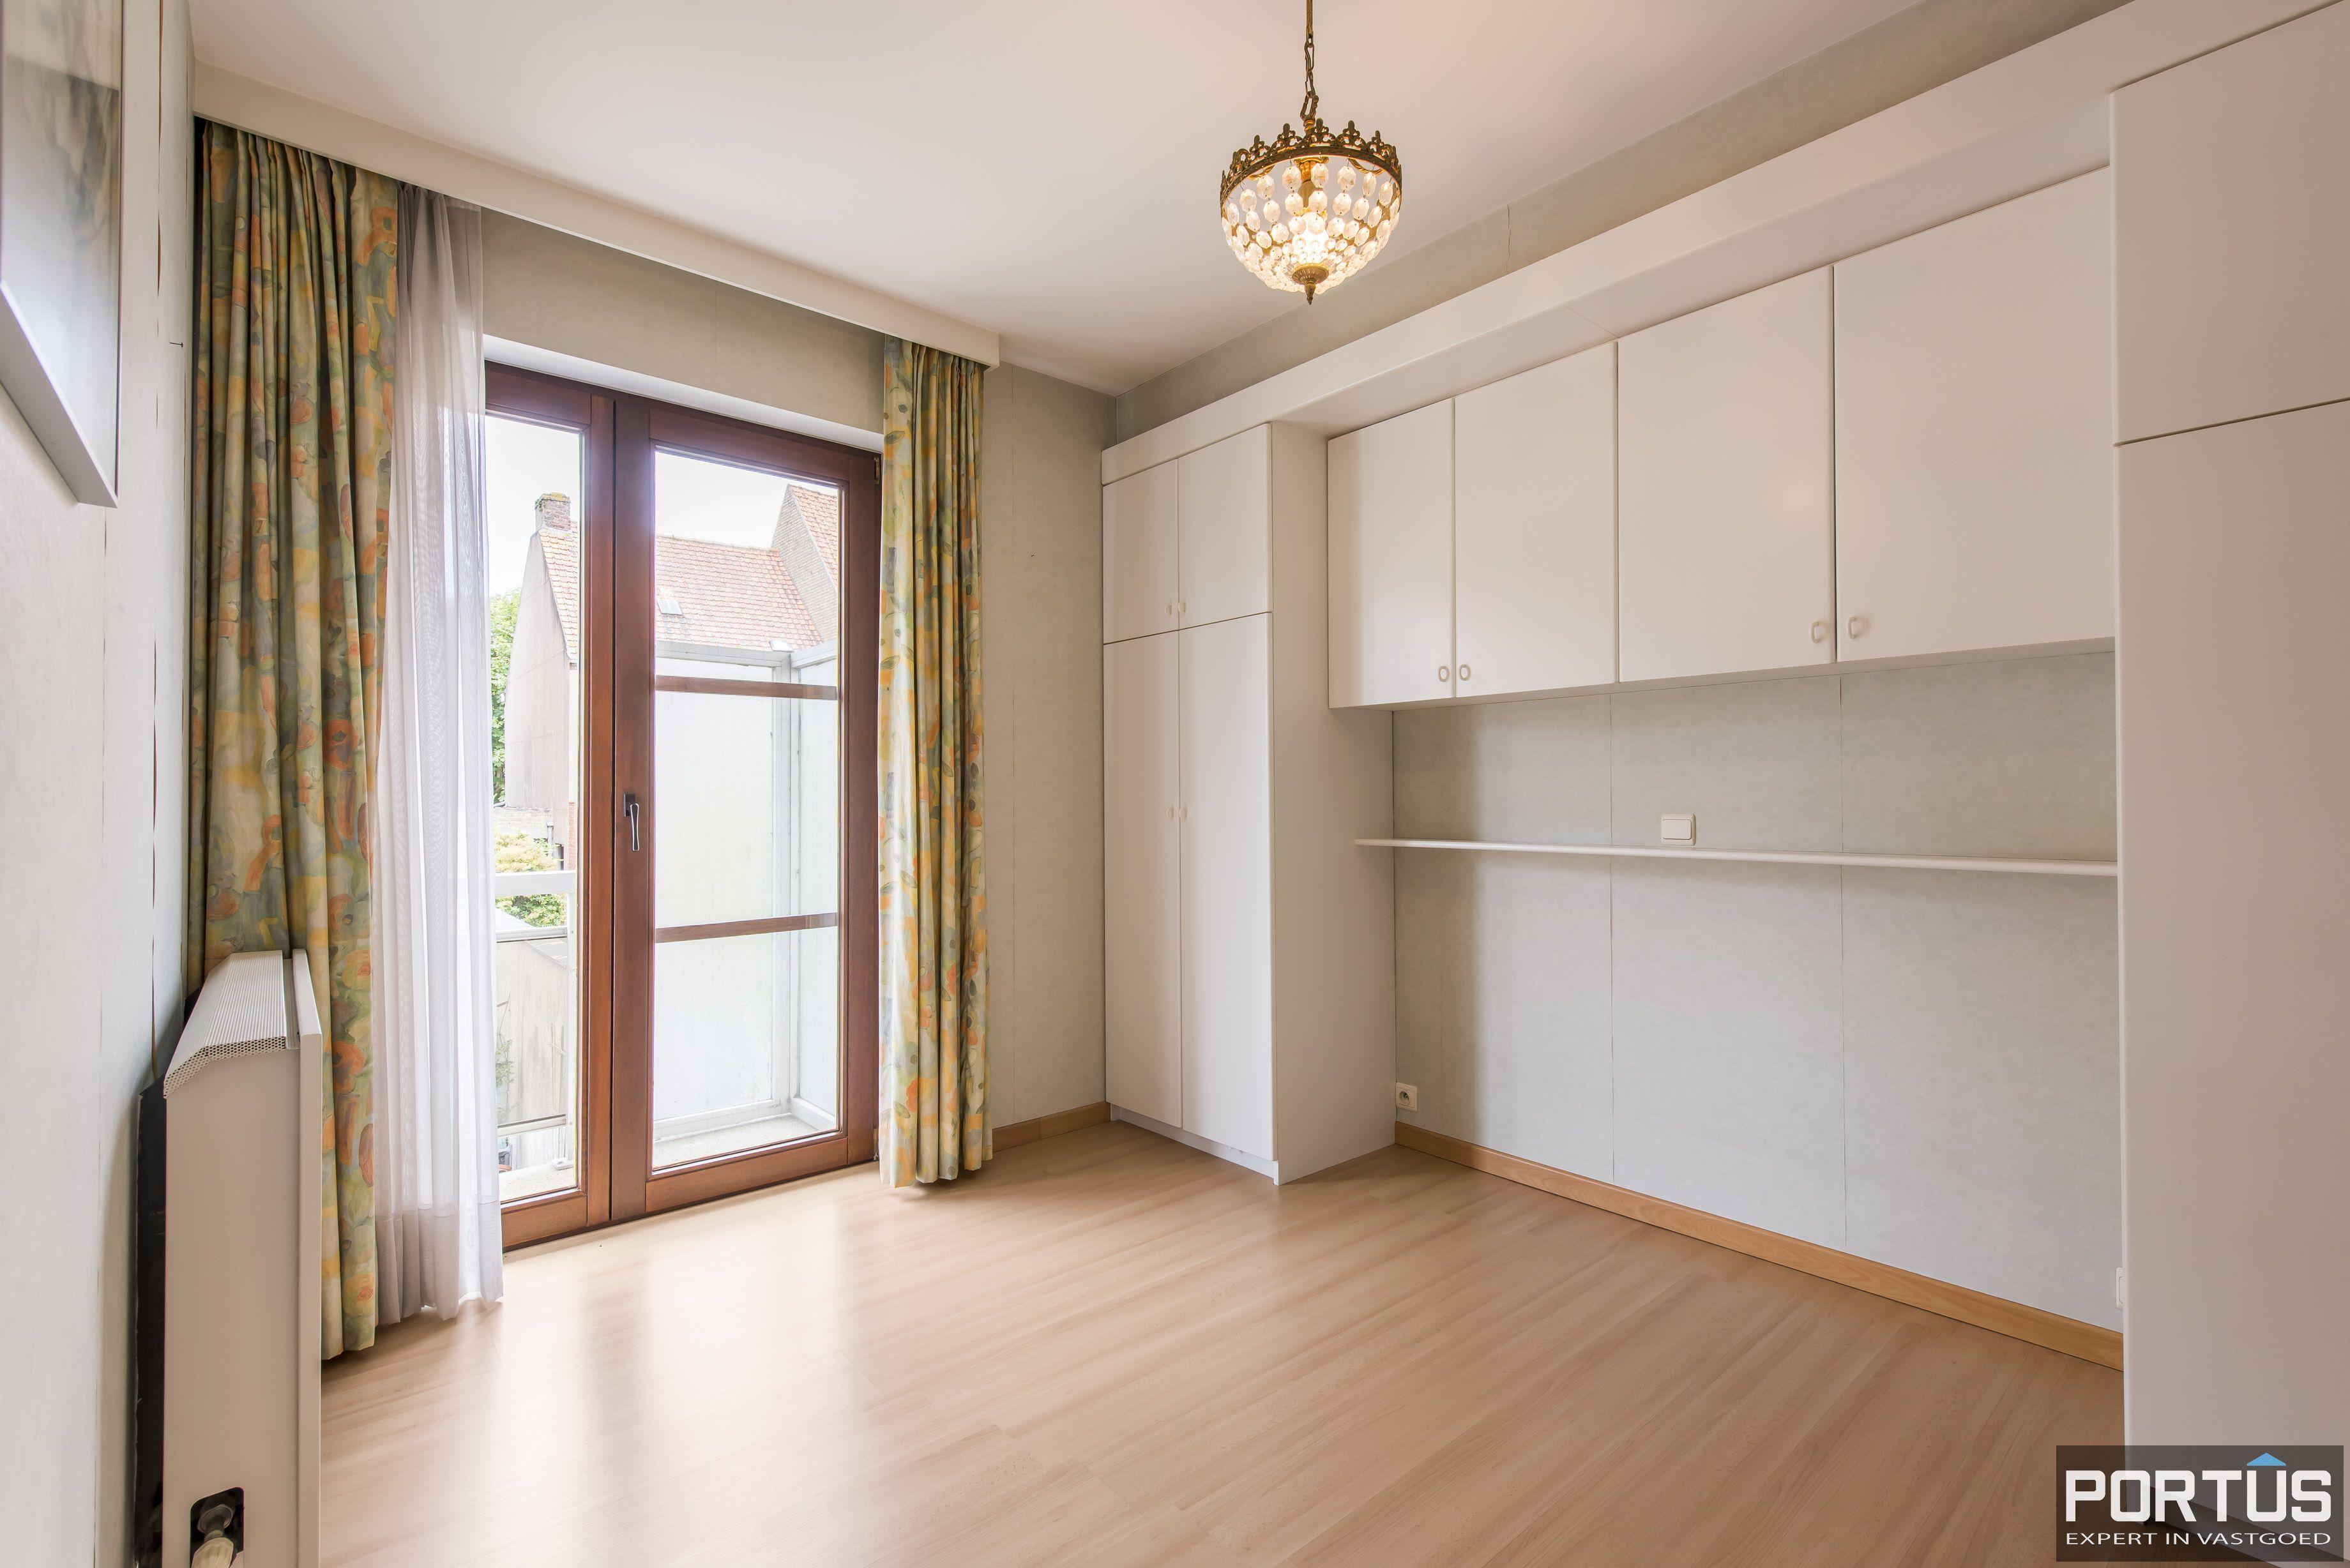 Ruim appartement met 3 slaapkamers te koop te Nieuwpoort-Stad - 11322